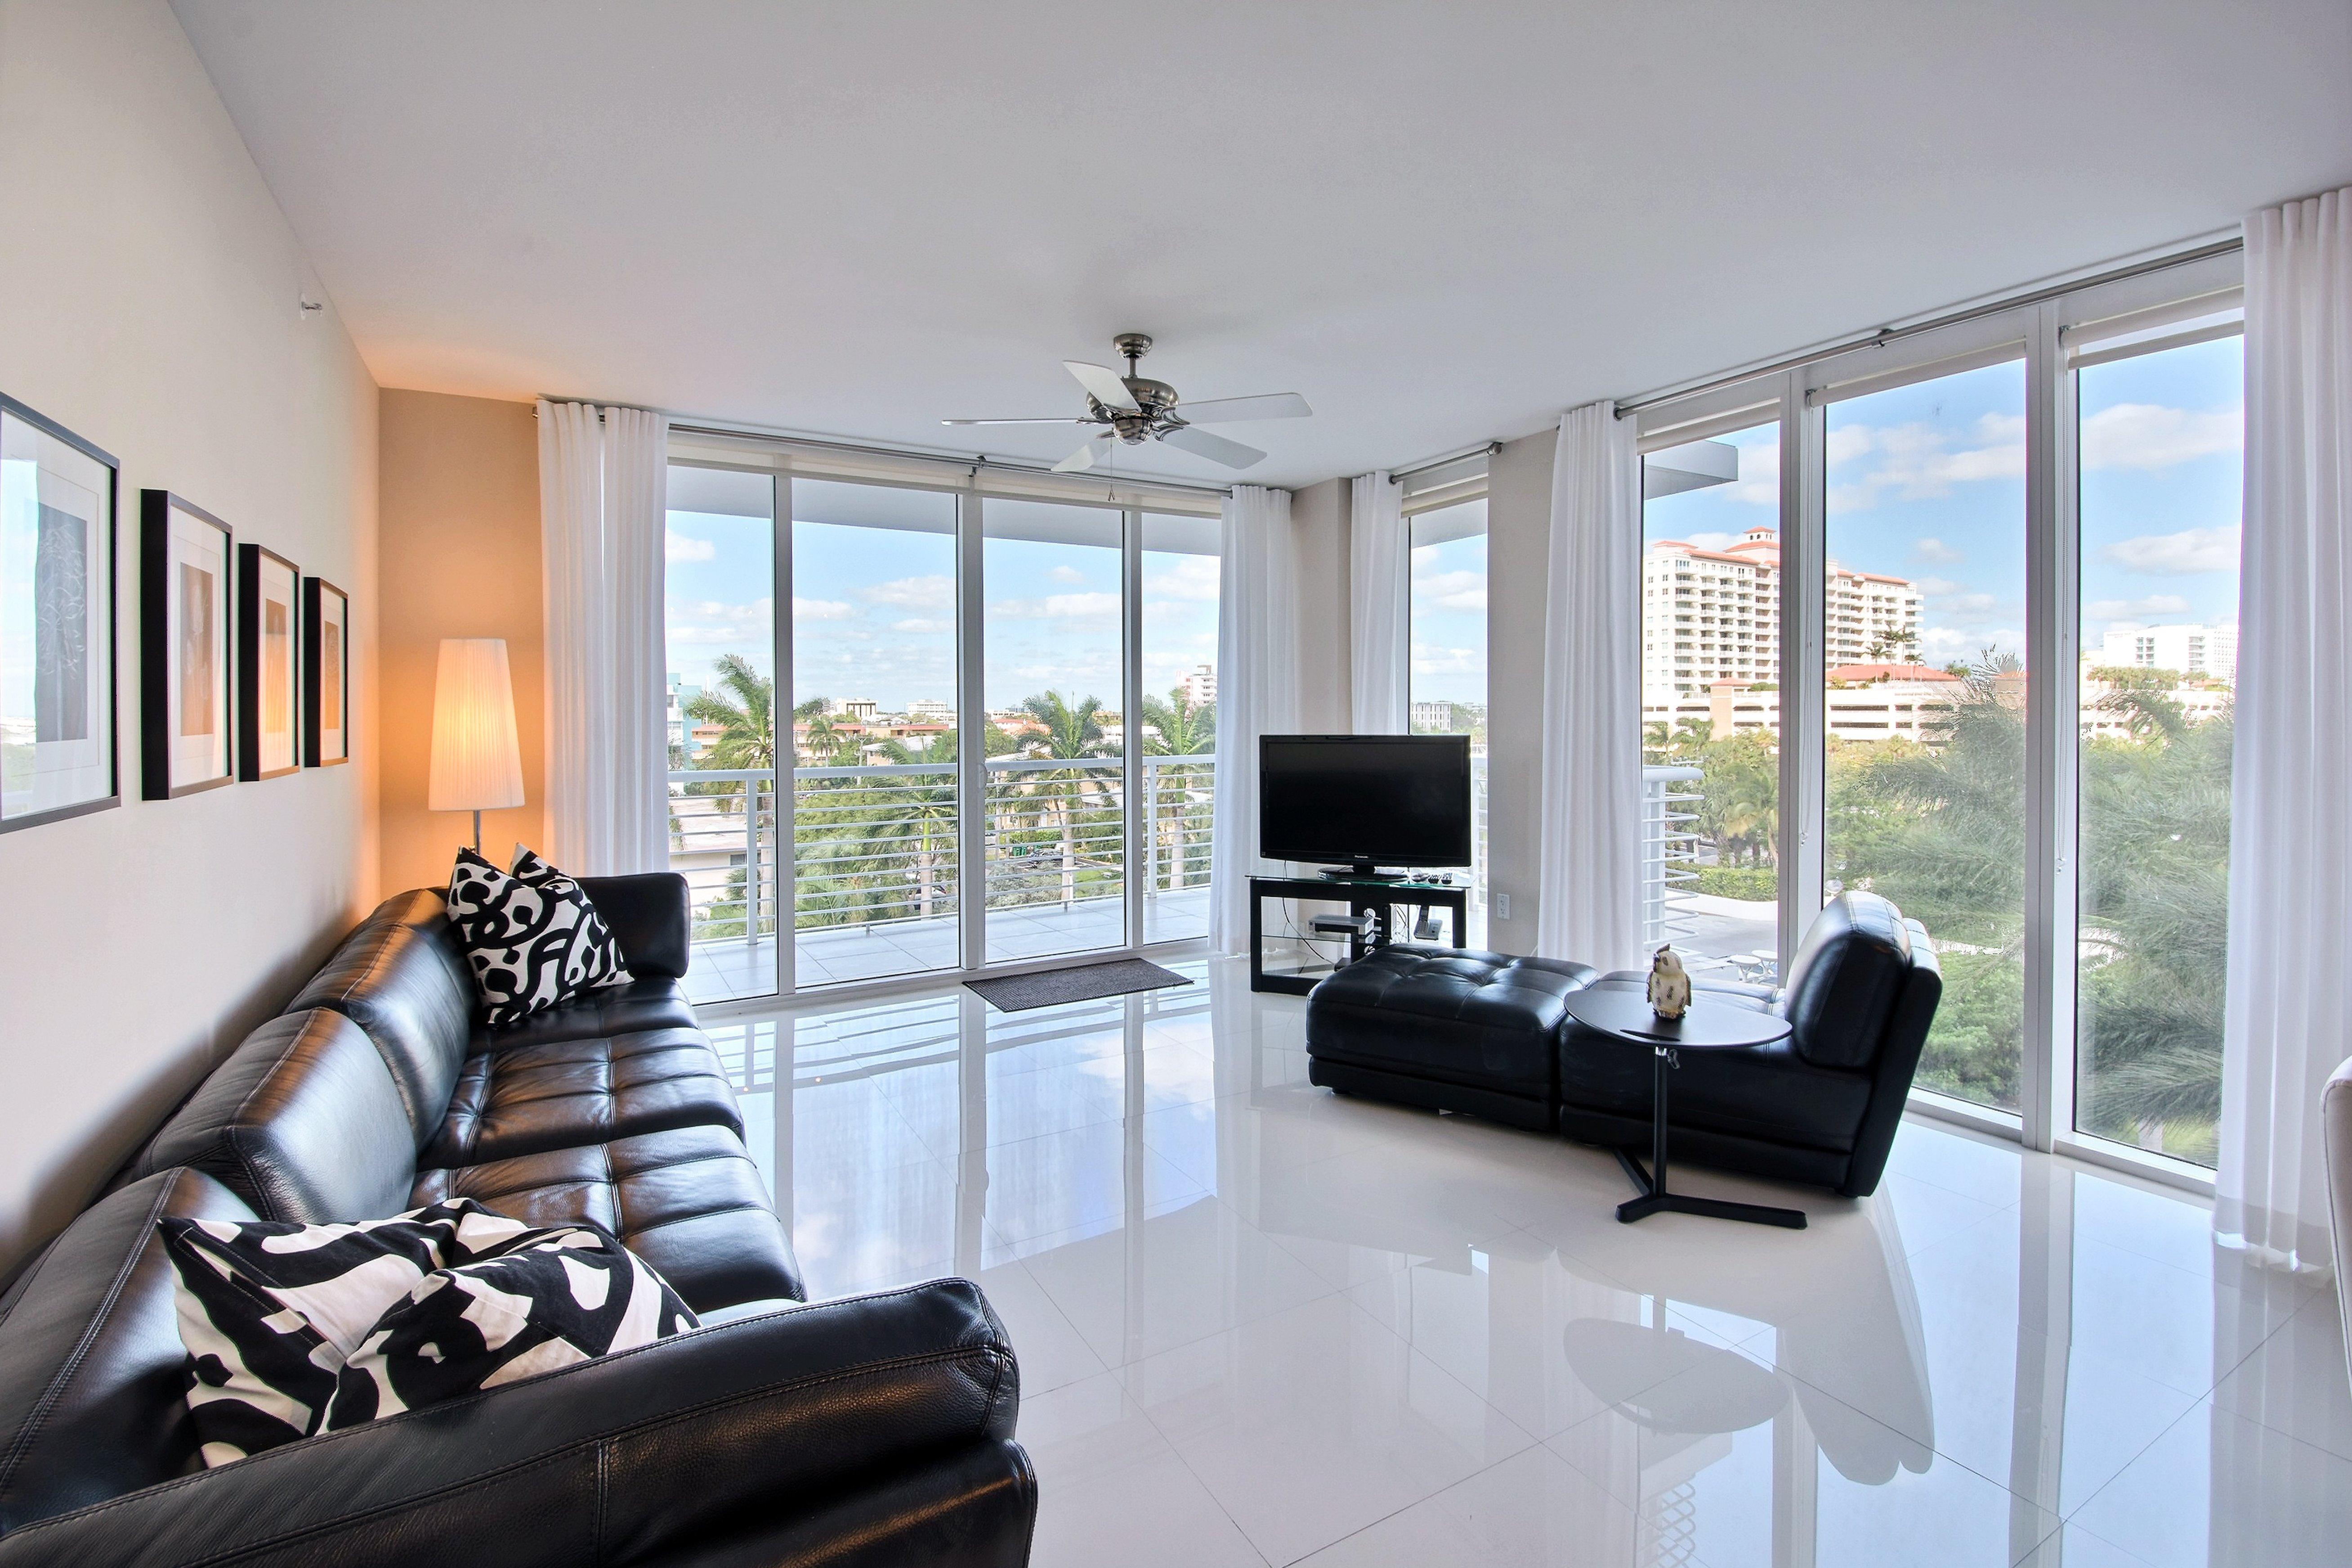 公寓 为 销售 在 2831 N Ocean Blvd #401N 2831 N Ocean Blvd 401N 劳德代尔堡, 佛罗里达州, 33308 美国